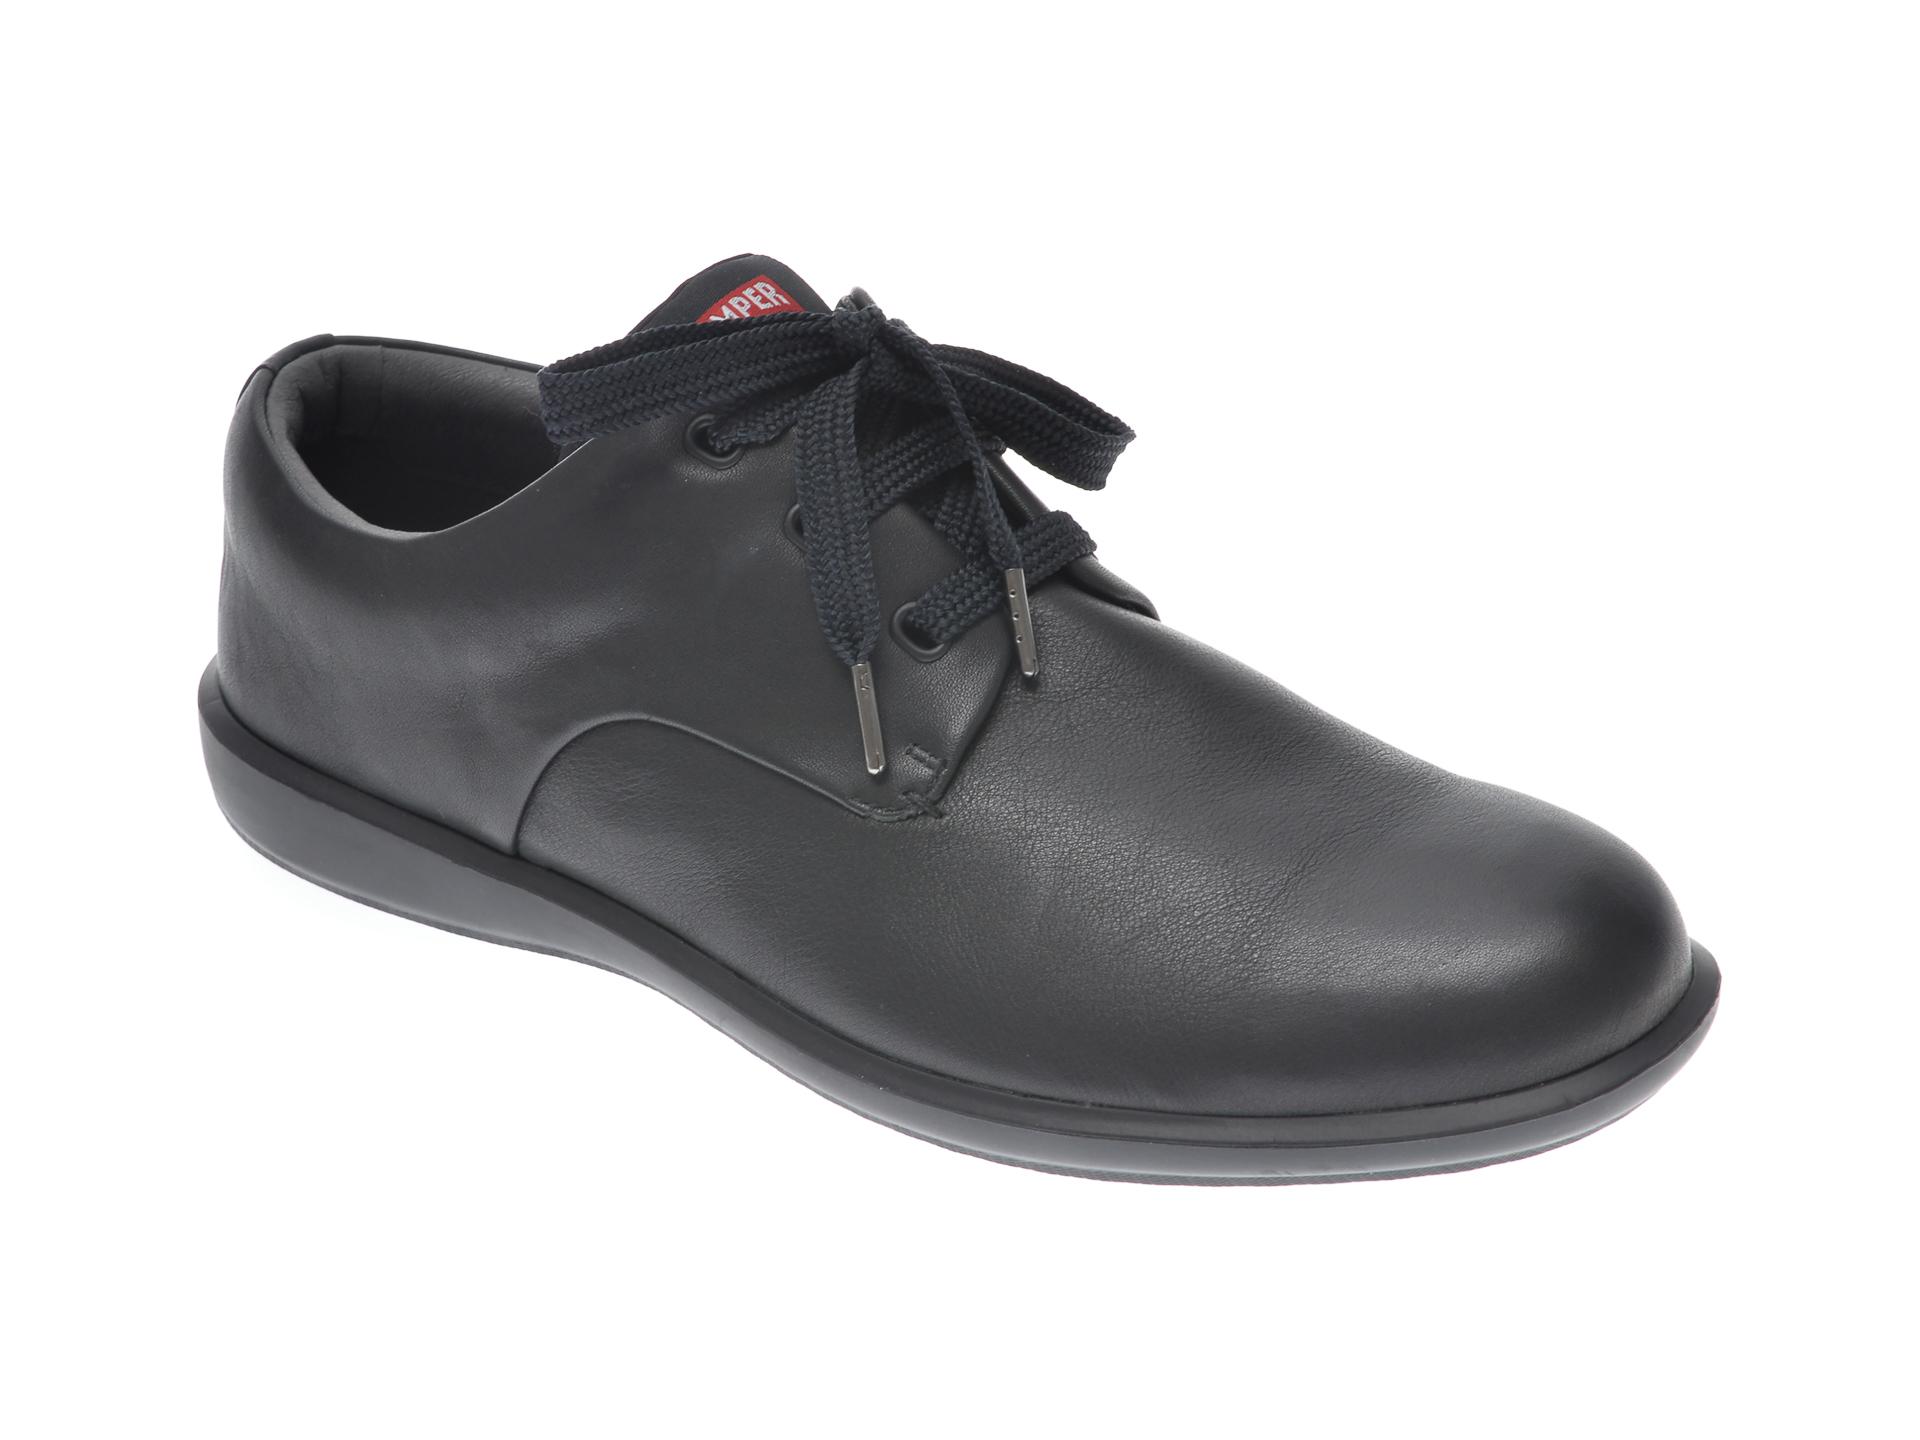 Pantofi CAMPER negri, 18637, din piele naturala imagine